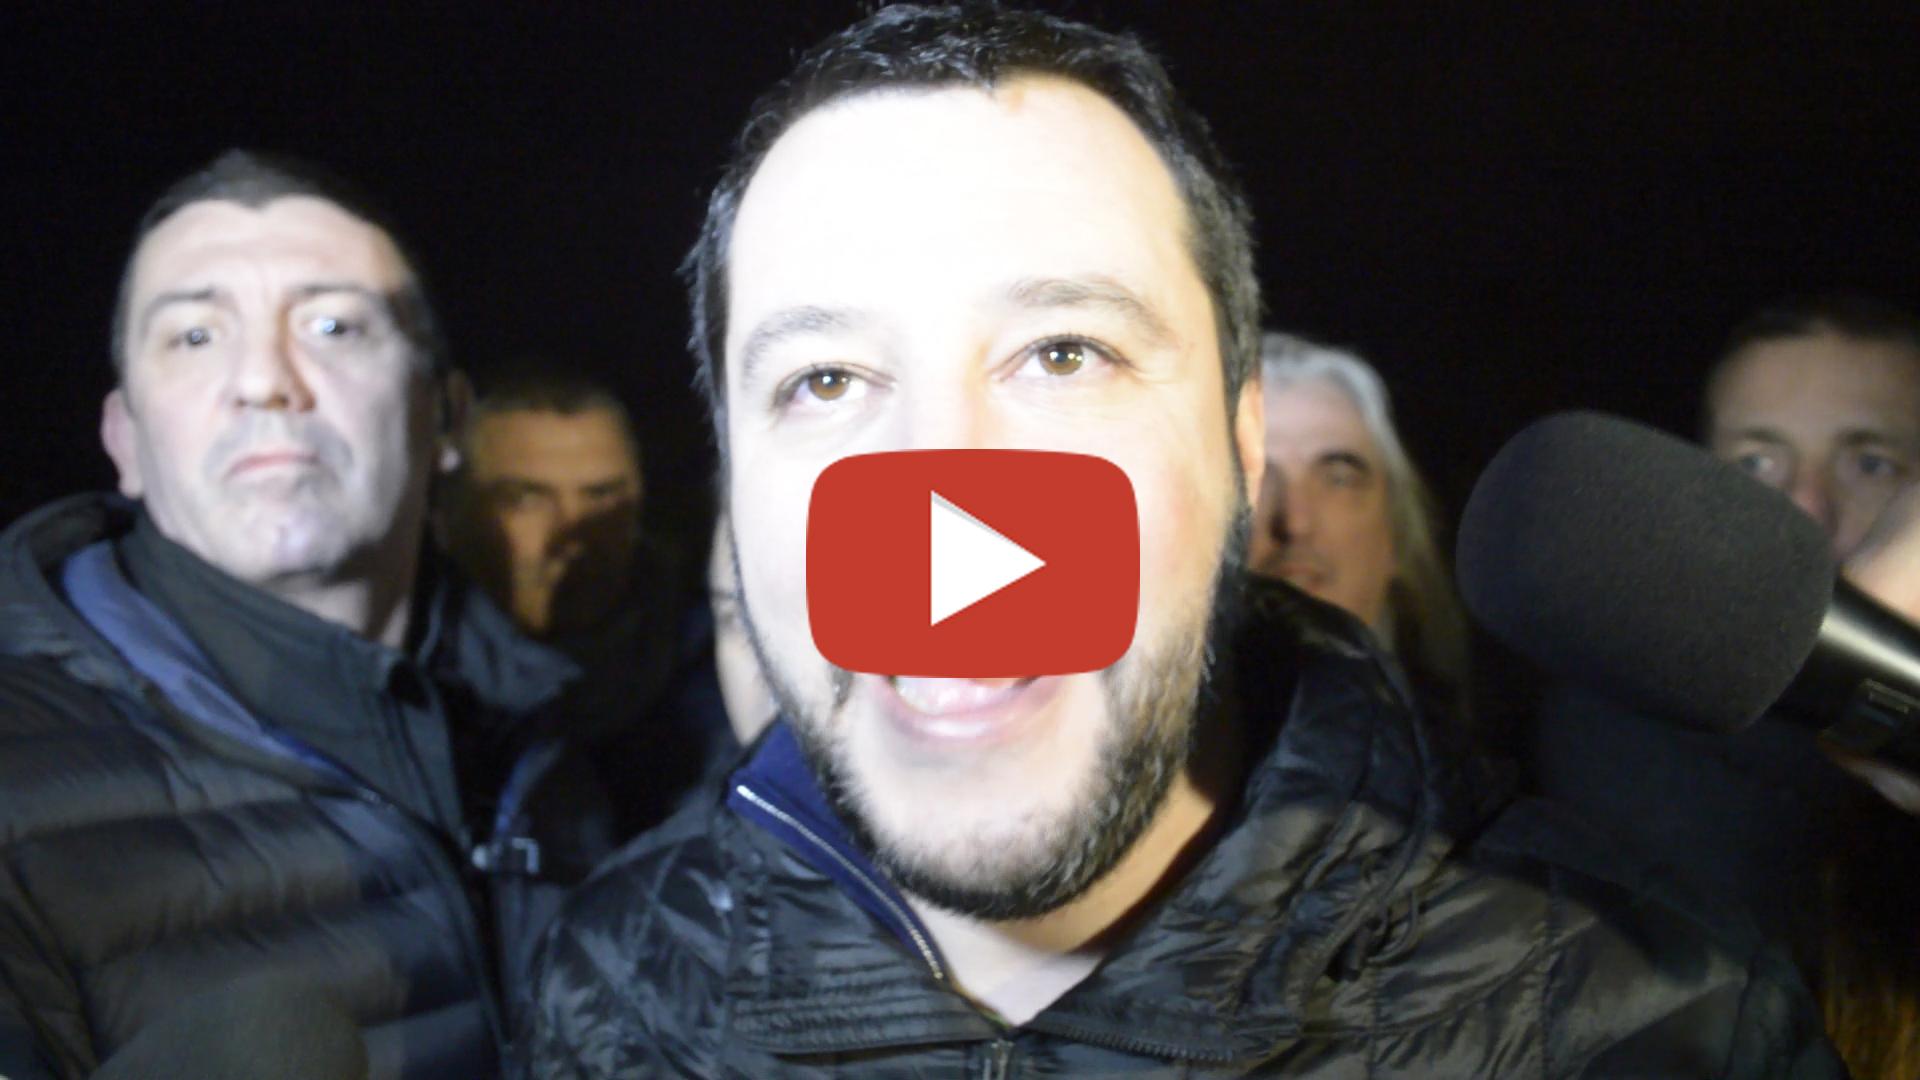 """Salvini in Cittadella, Vannucci non ci sta: """"Non accetto di fare il burattino per il potere"""""""